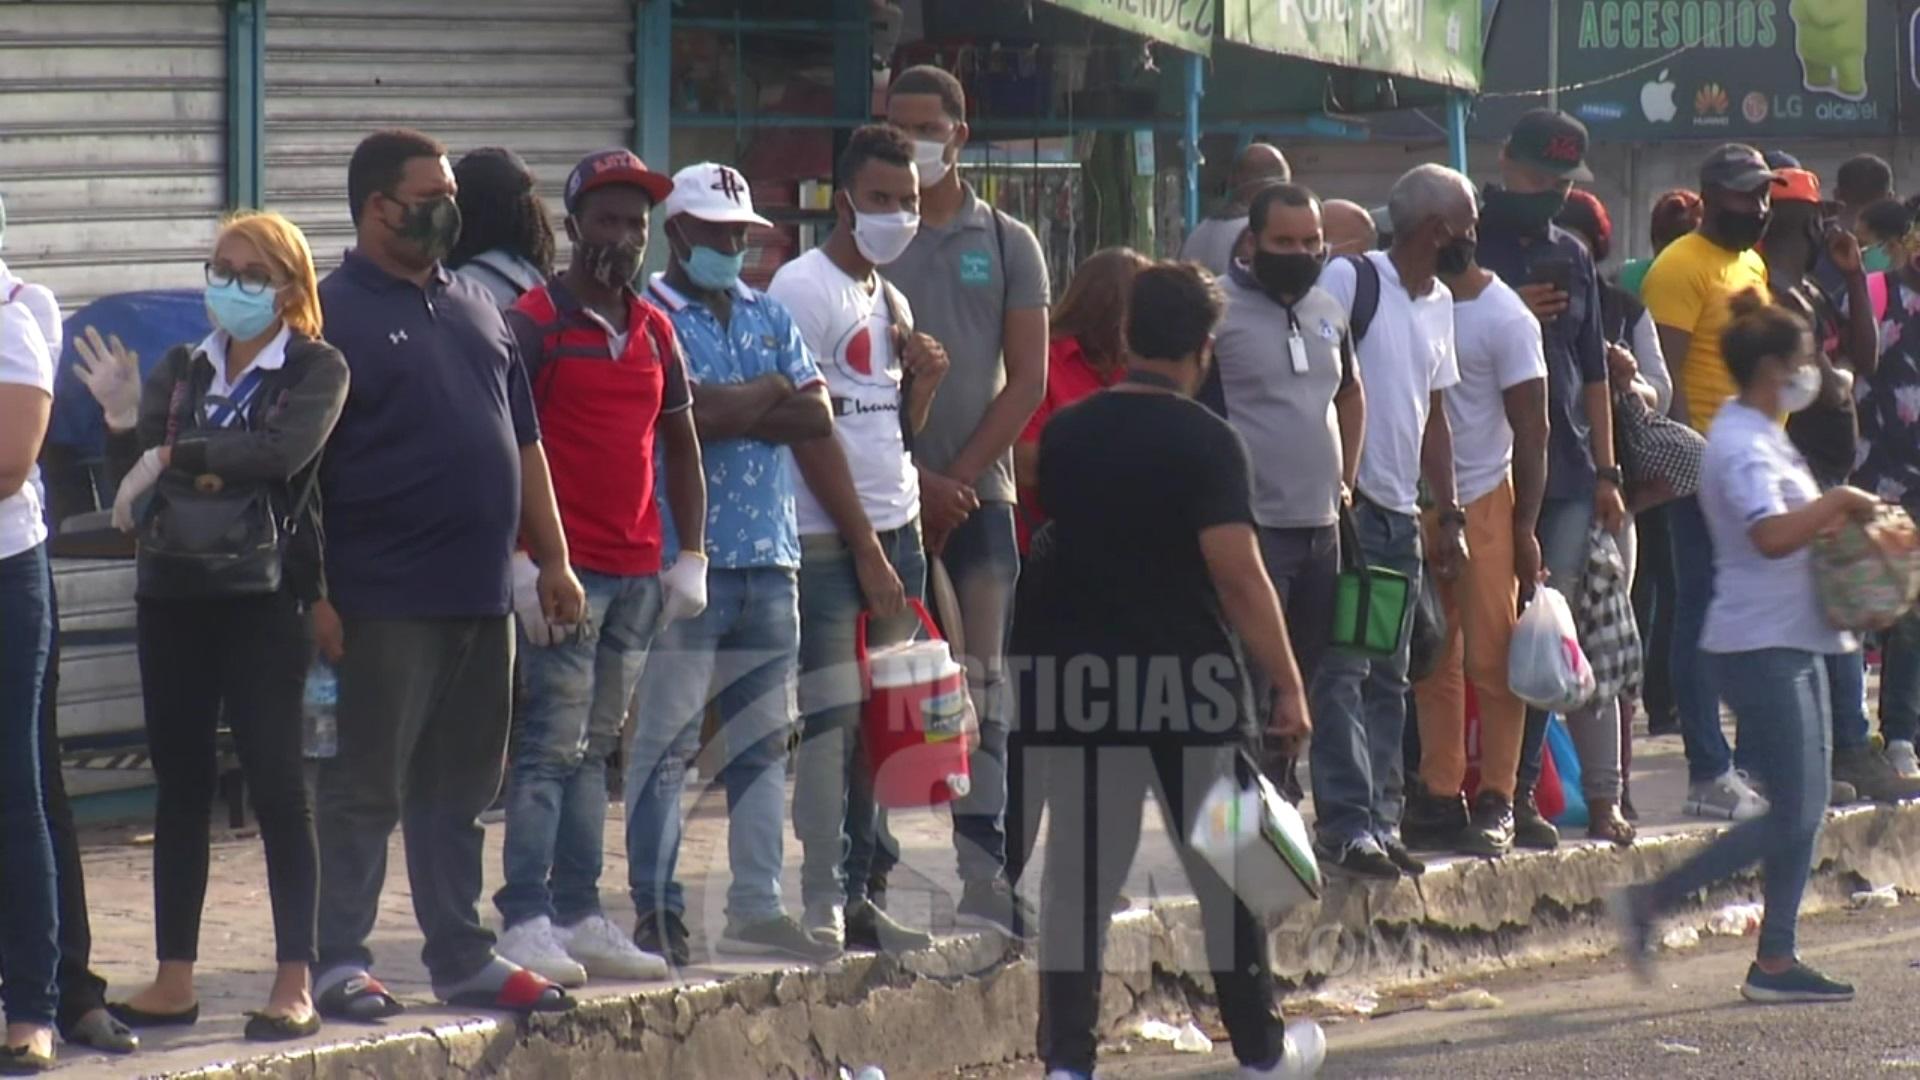 Se registran aglomeraciones en Azua, pese a medidas de distanciamiento